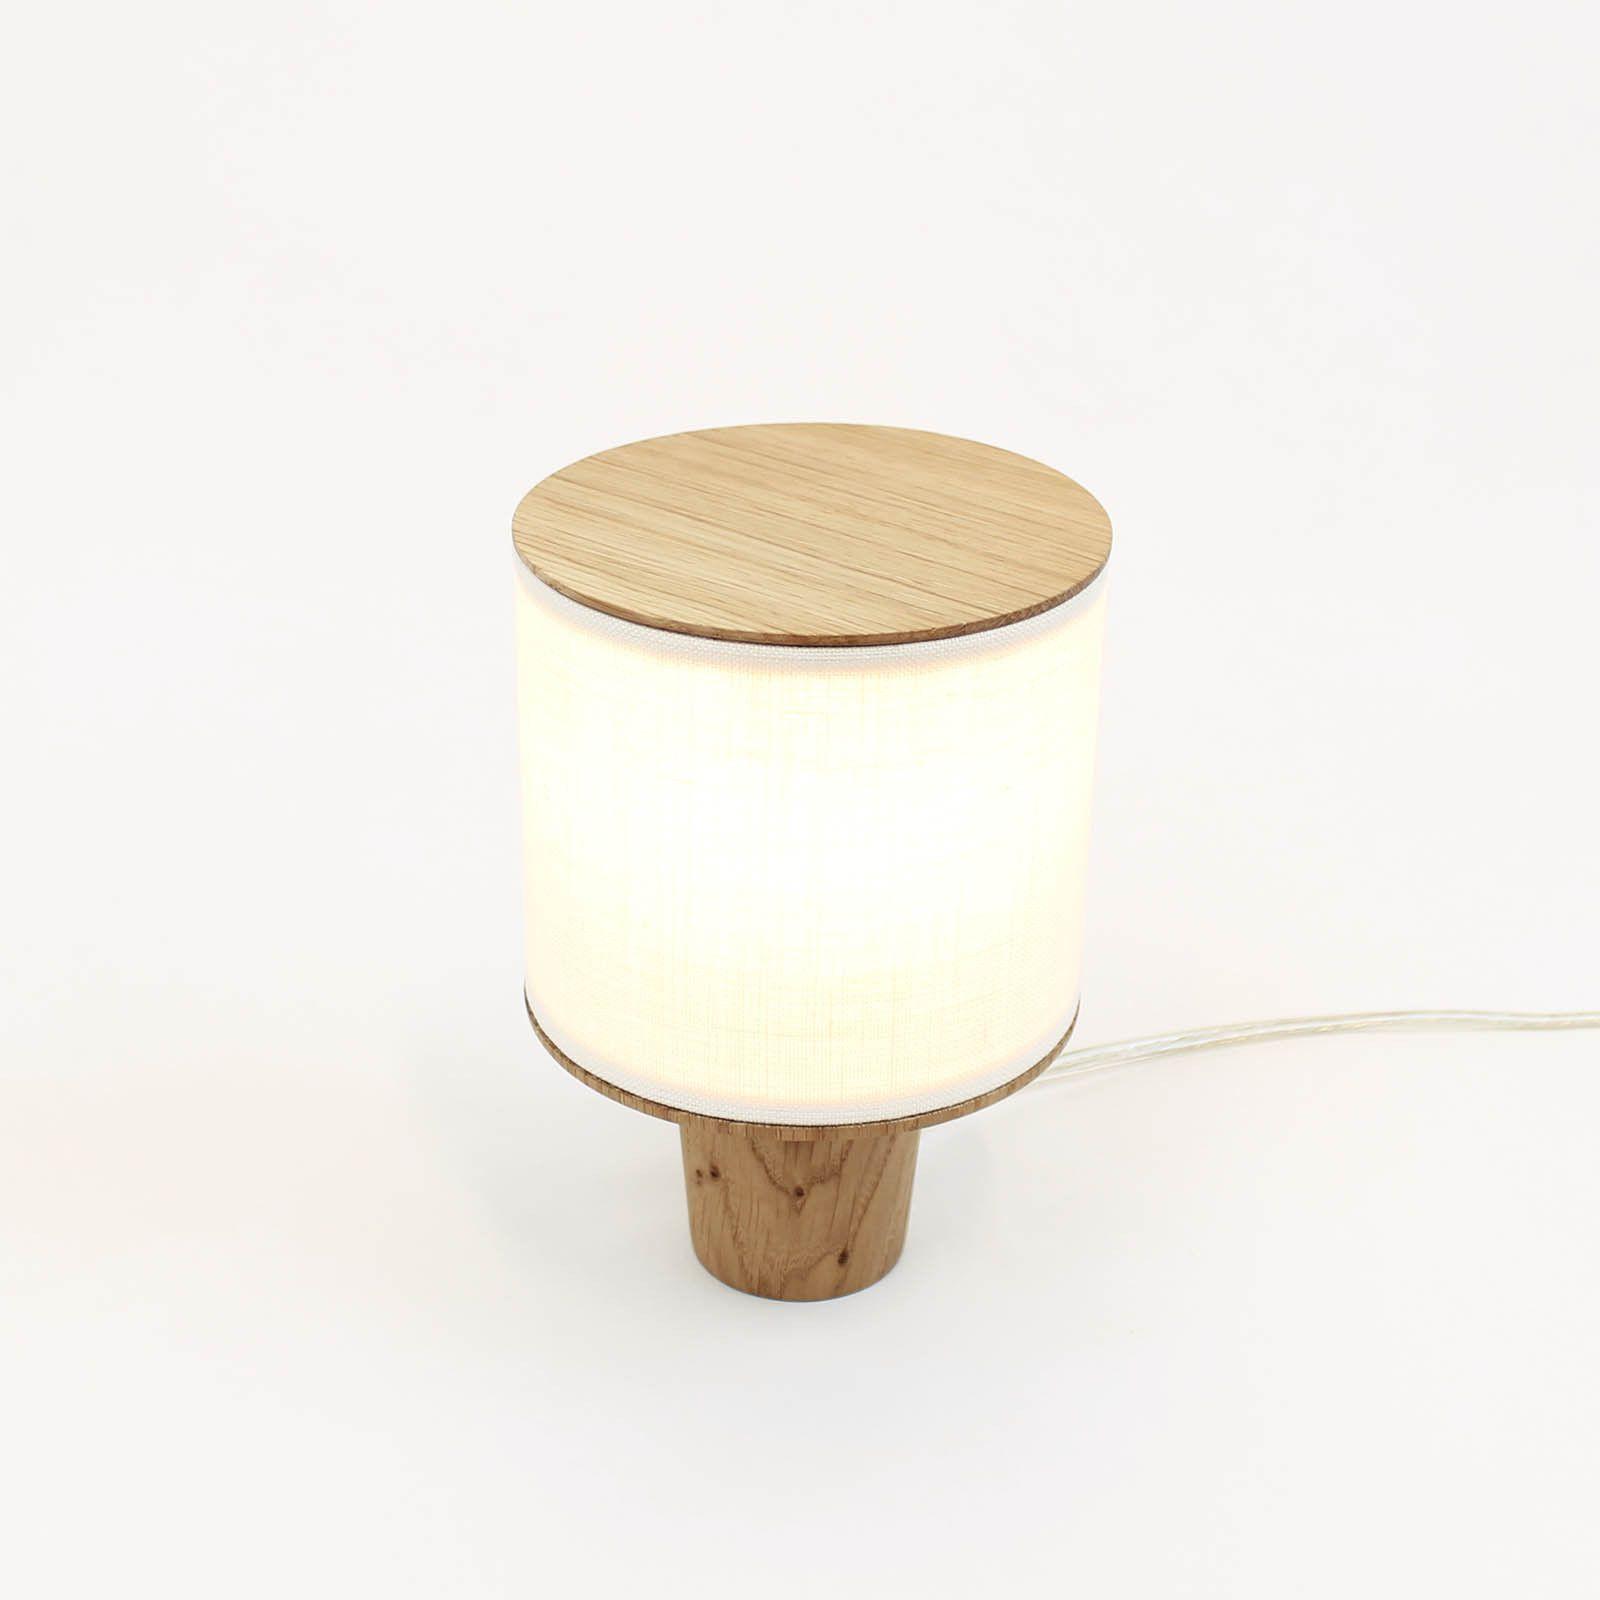 Http Www Blumen Fr Products Lampe A Poser Veivo Bois Massif Et Lin La Veivo A Ete Creee En Partenariat Avec Des Etudiants De L Lampe A Poser Lamp Bois Massif